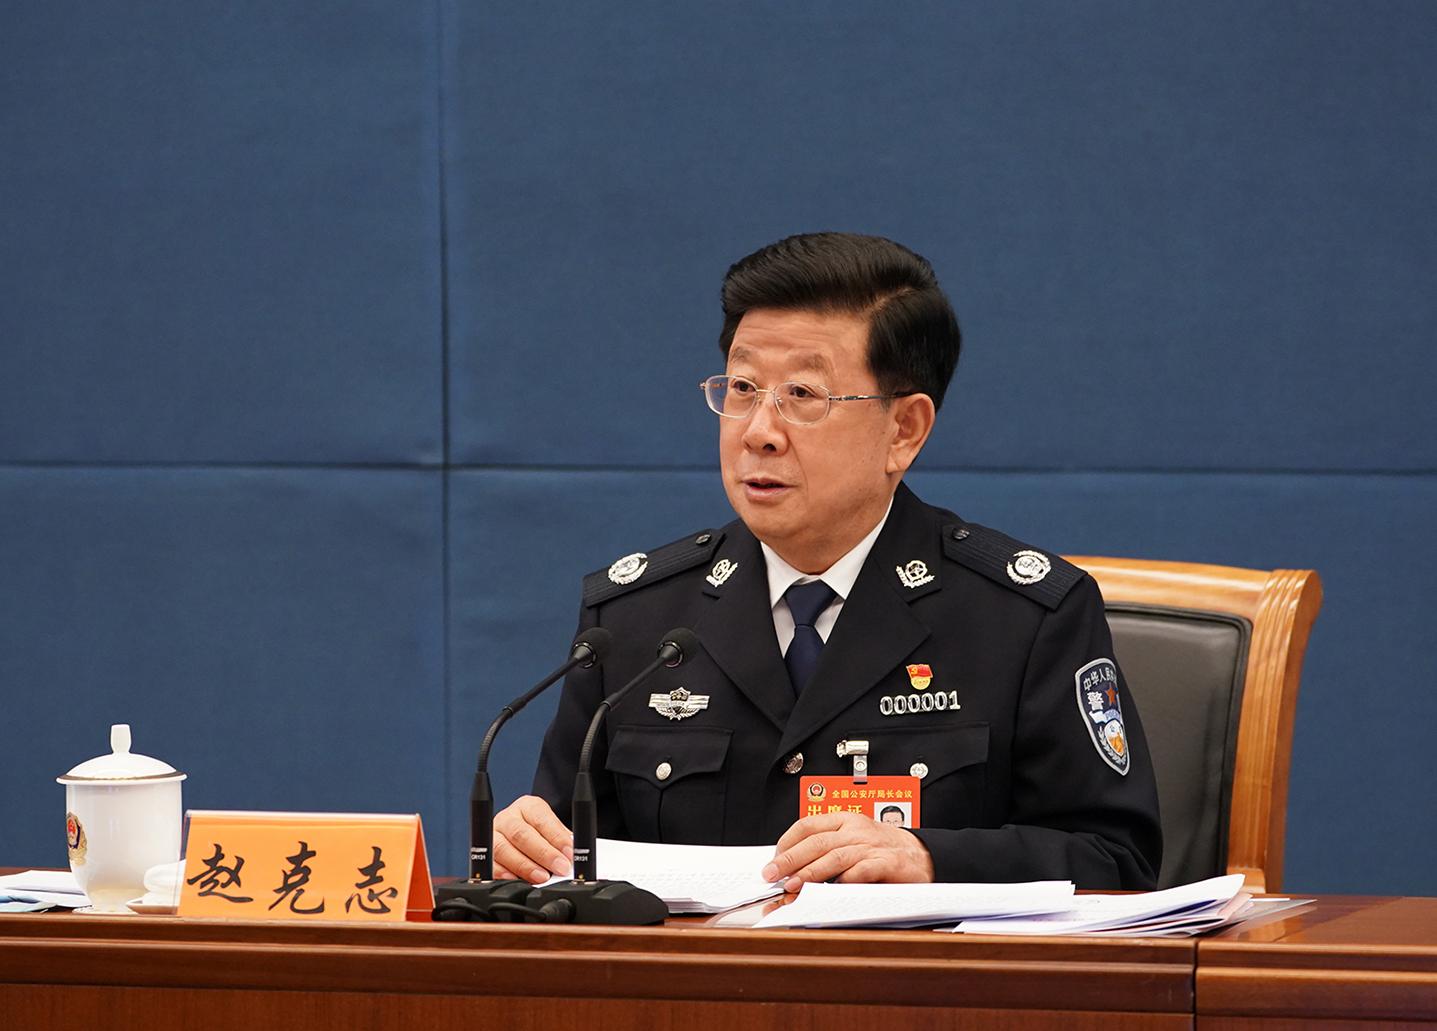 赵克志:把握新发展阶段  推动高质量发展 以确保国家政治安全和社会稳定的优异成绩庆祝建党100周年